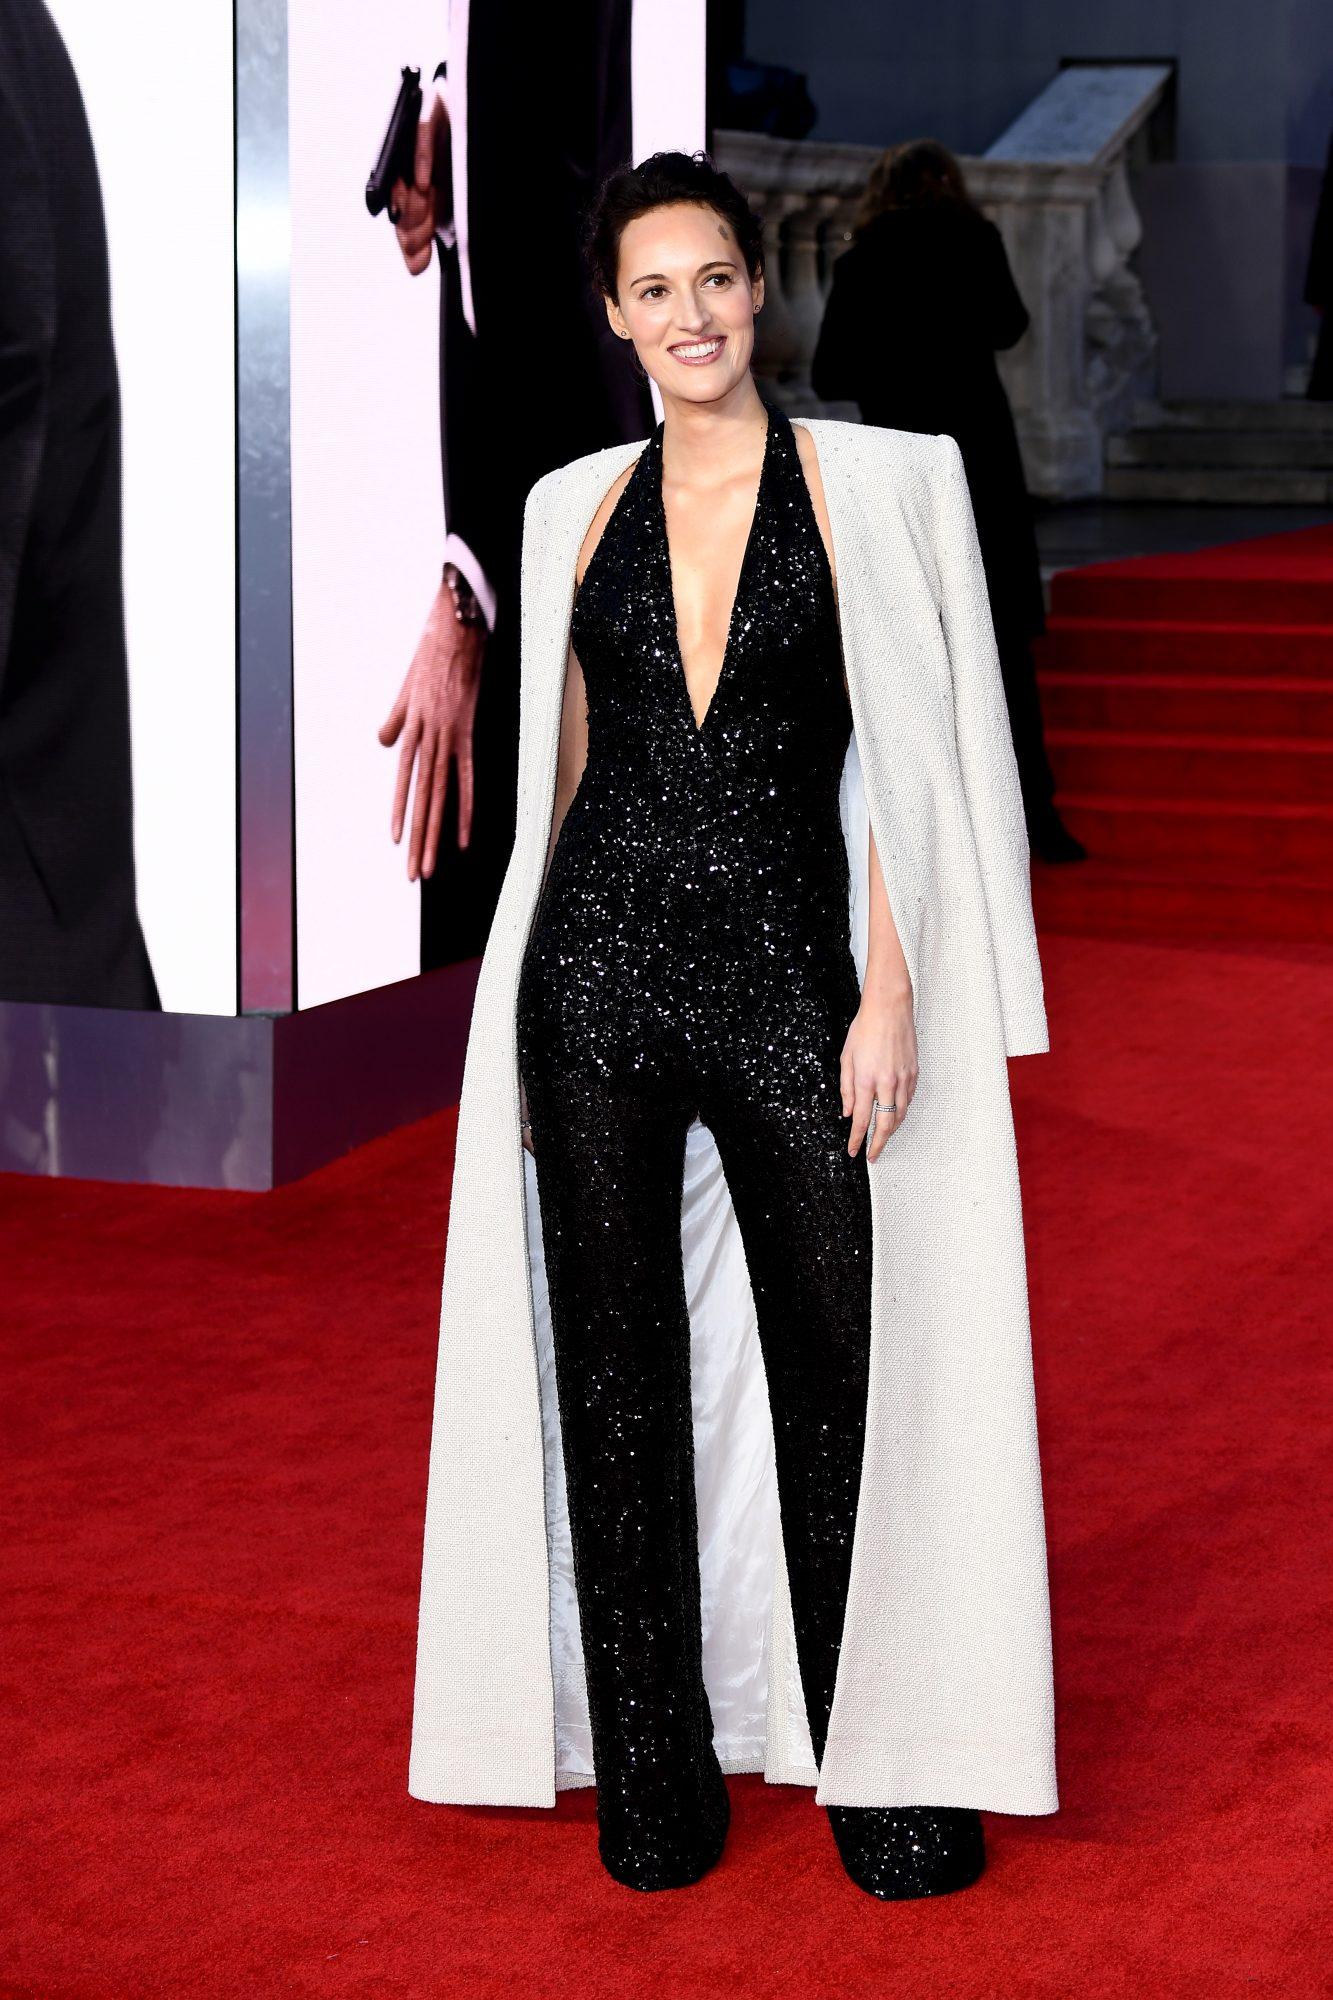 James Bond, No Time to Die estreno, alfombra roja, Phoebe Waller-Bridge